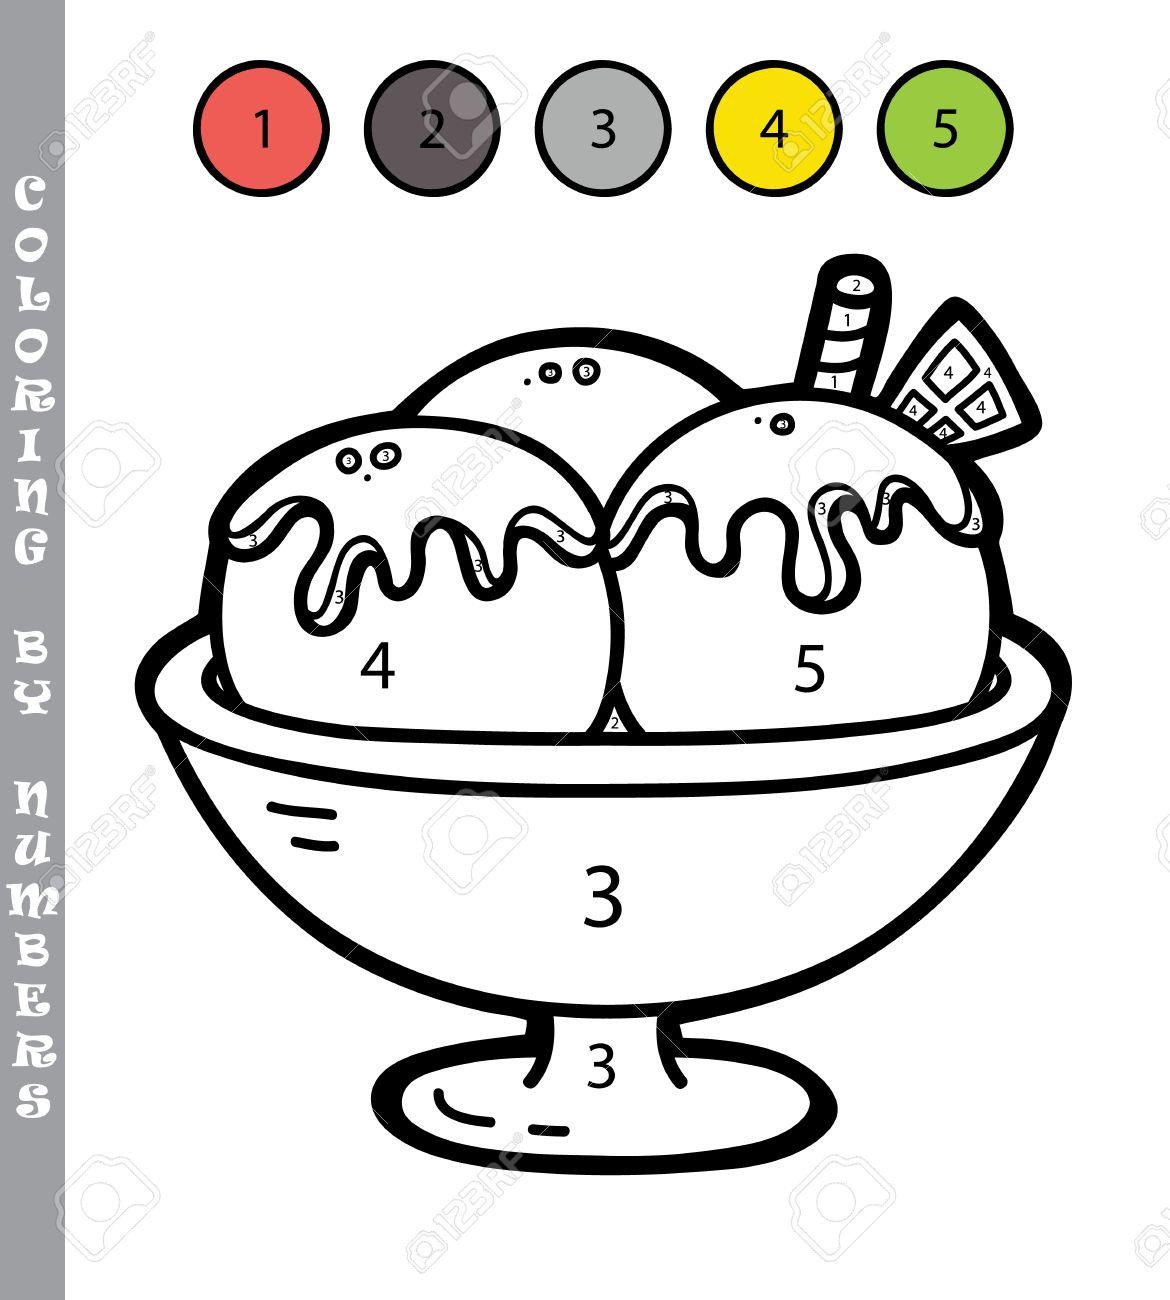 Colorear Por Números Divertido Juego Ilustración Vectorial Para Colorear Por Números Juego Con Helado De Dibujos Animados Para Los Niños